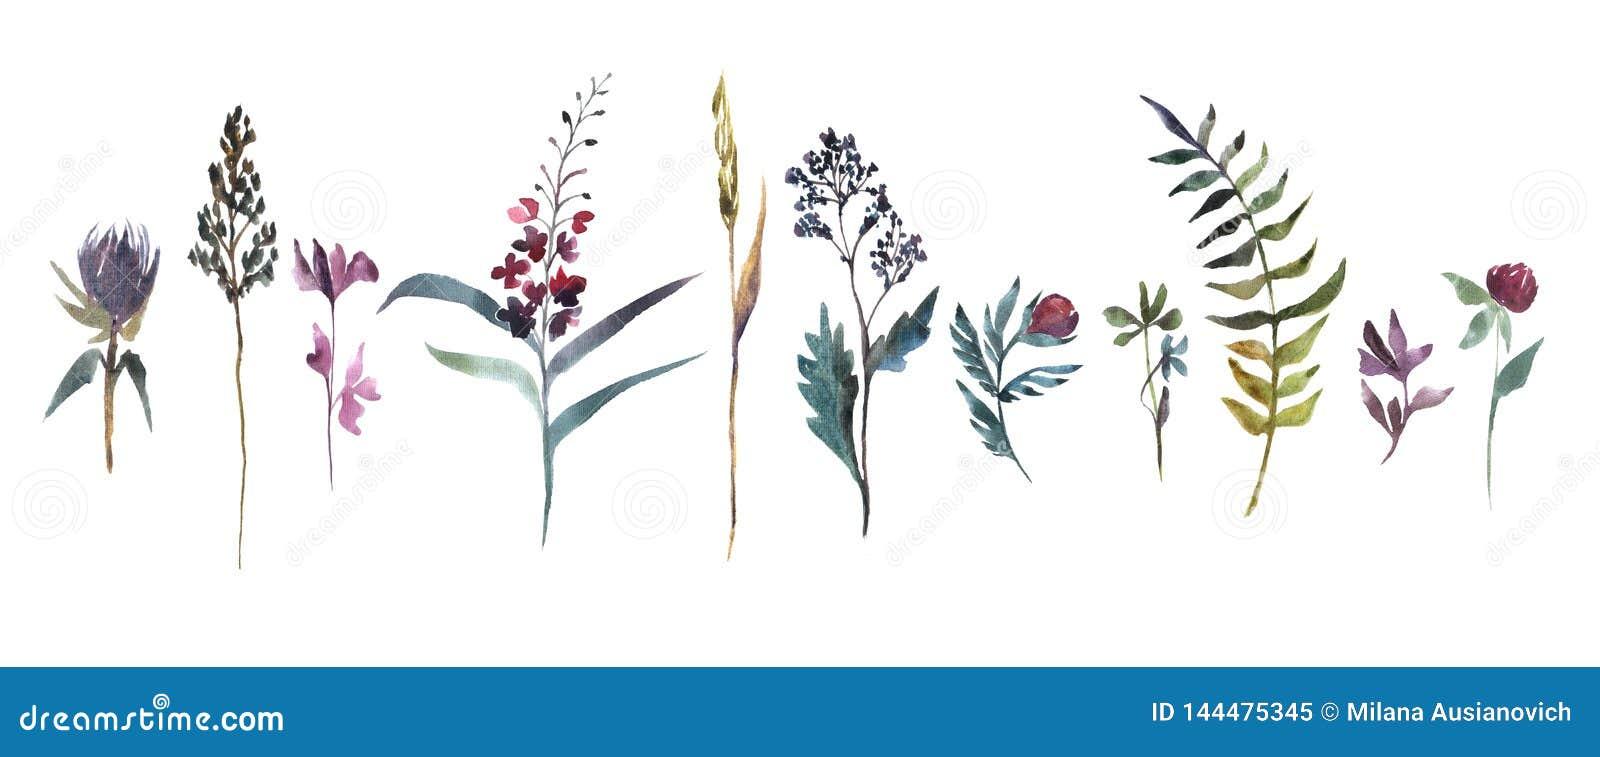 Ilustra??o da aguarela Coleção de flores do campo Grupo da aquarela das ervas